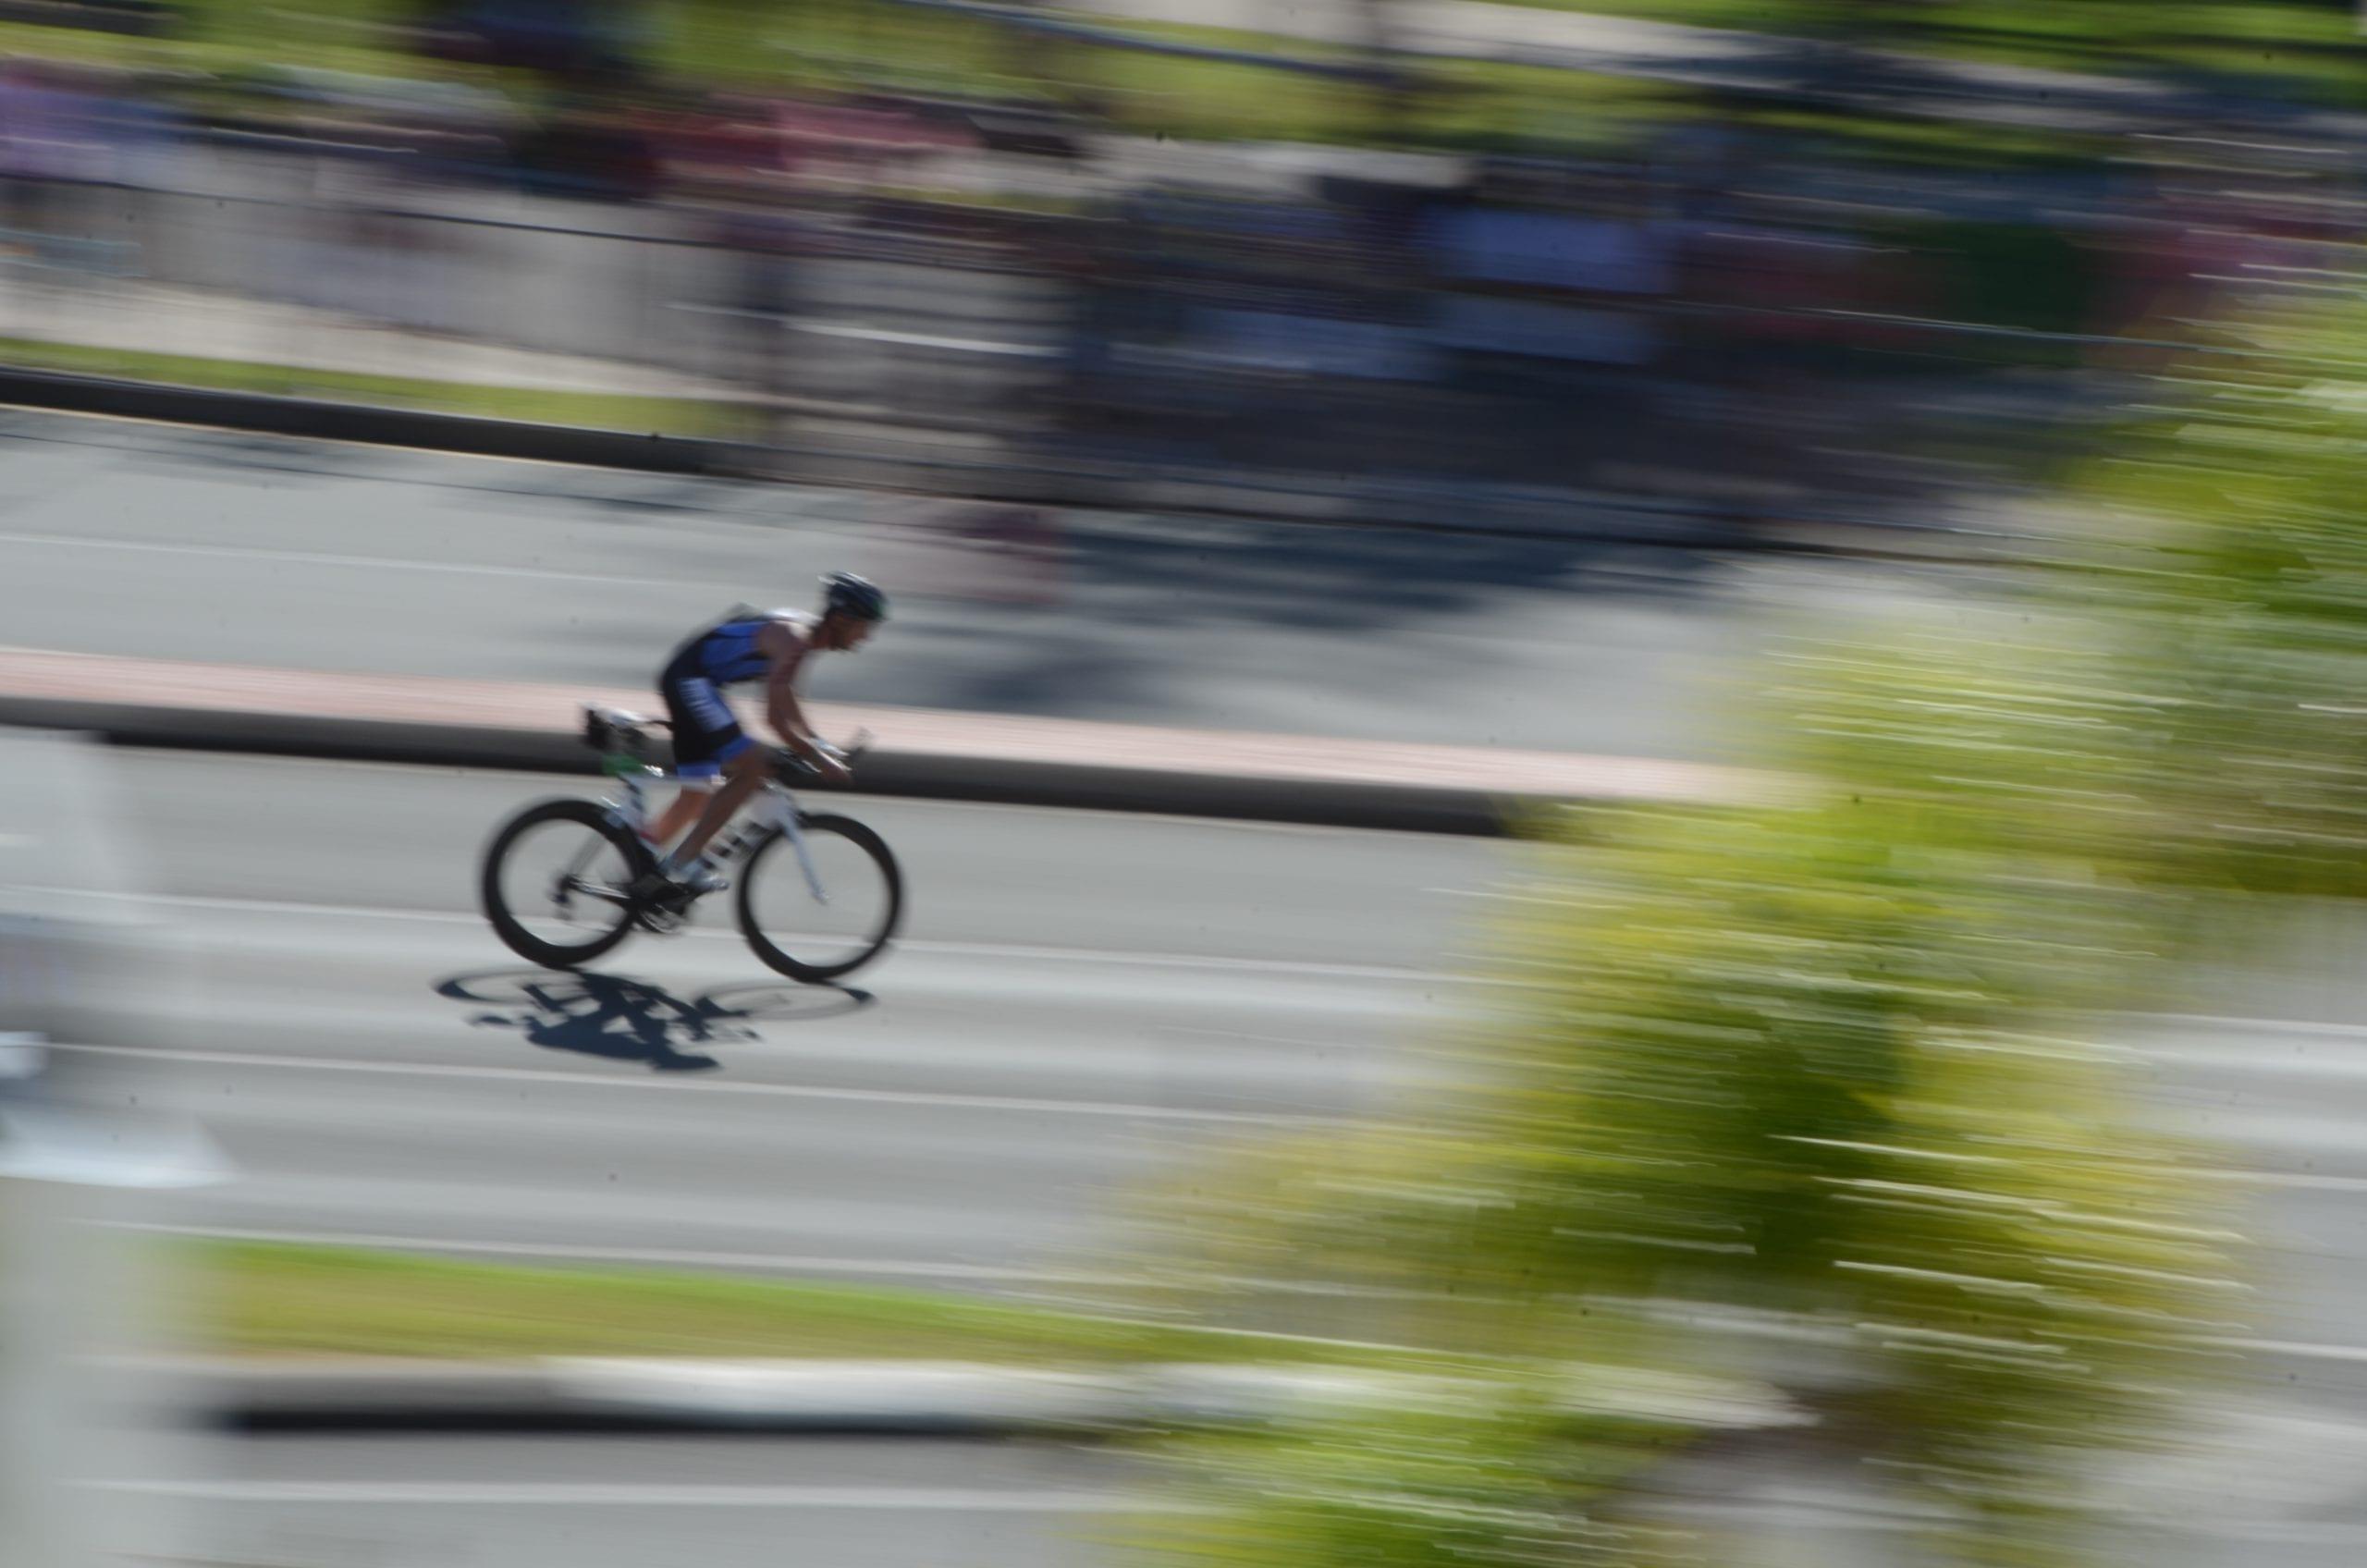 BikeFastLD